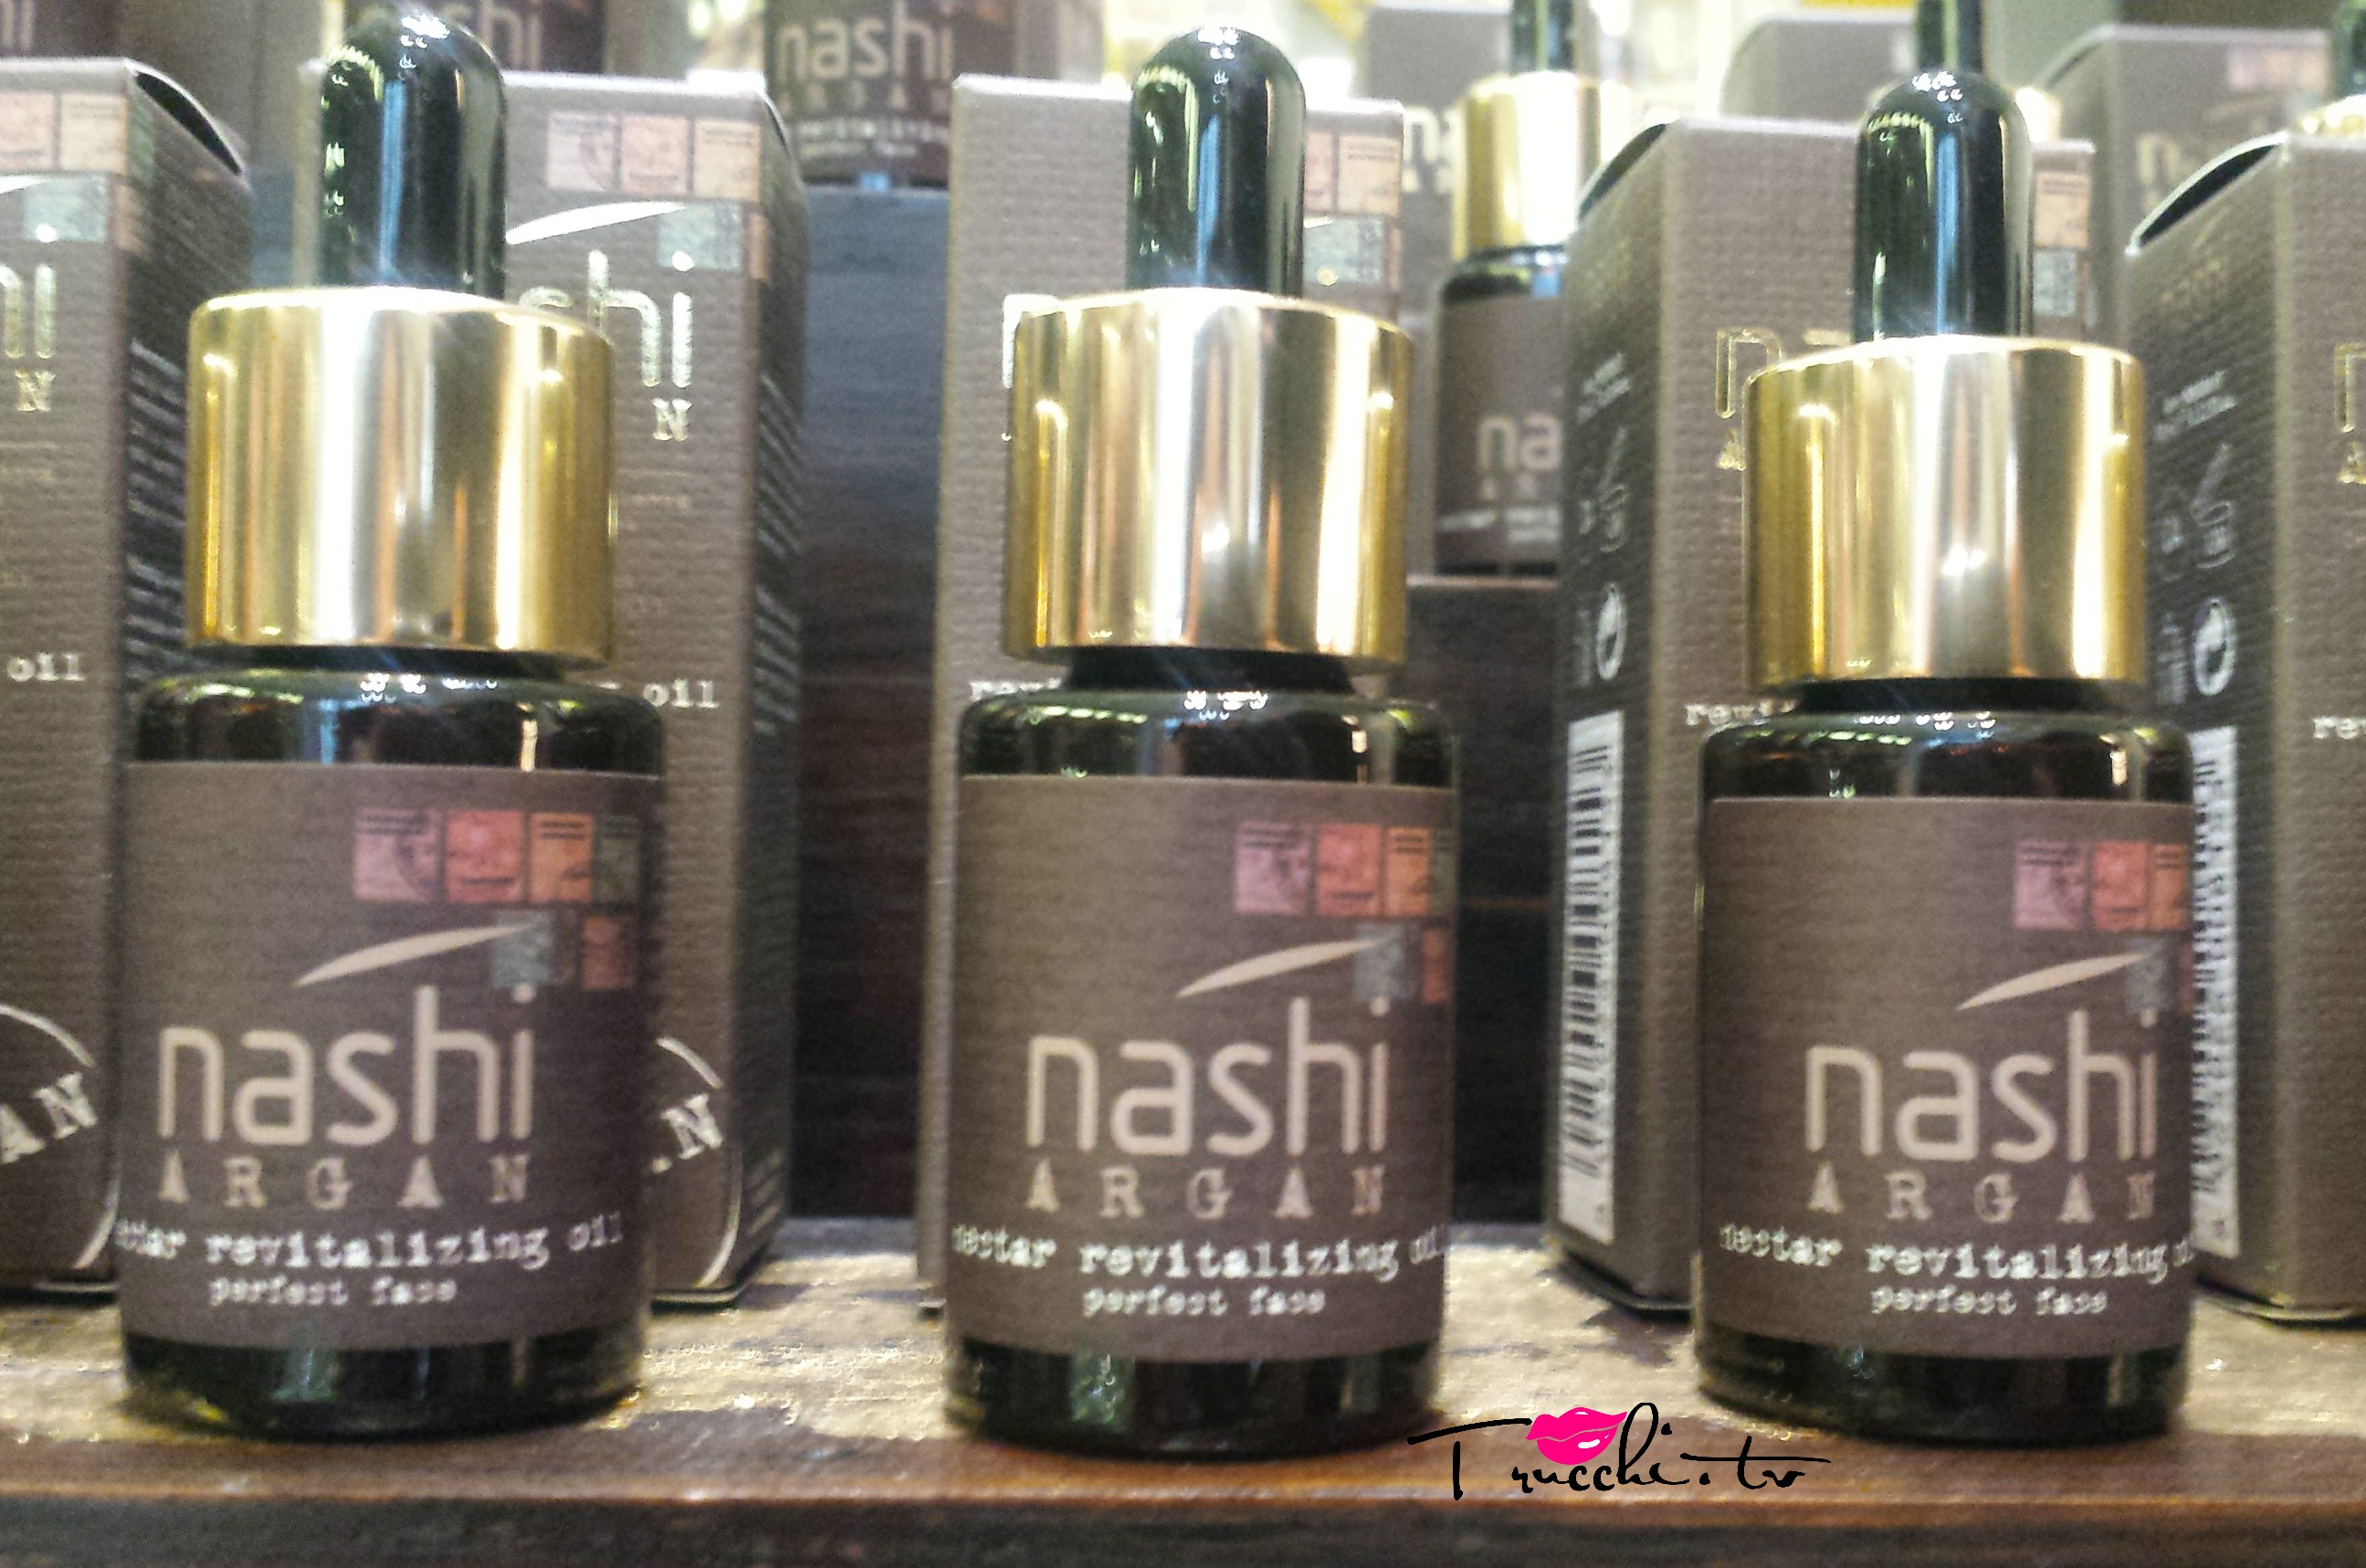 Nuovo Trattamento Rivitalizzante Nashi Argan Nectar Revitilizing Oil - Perfect face 1